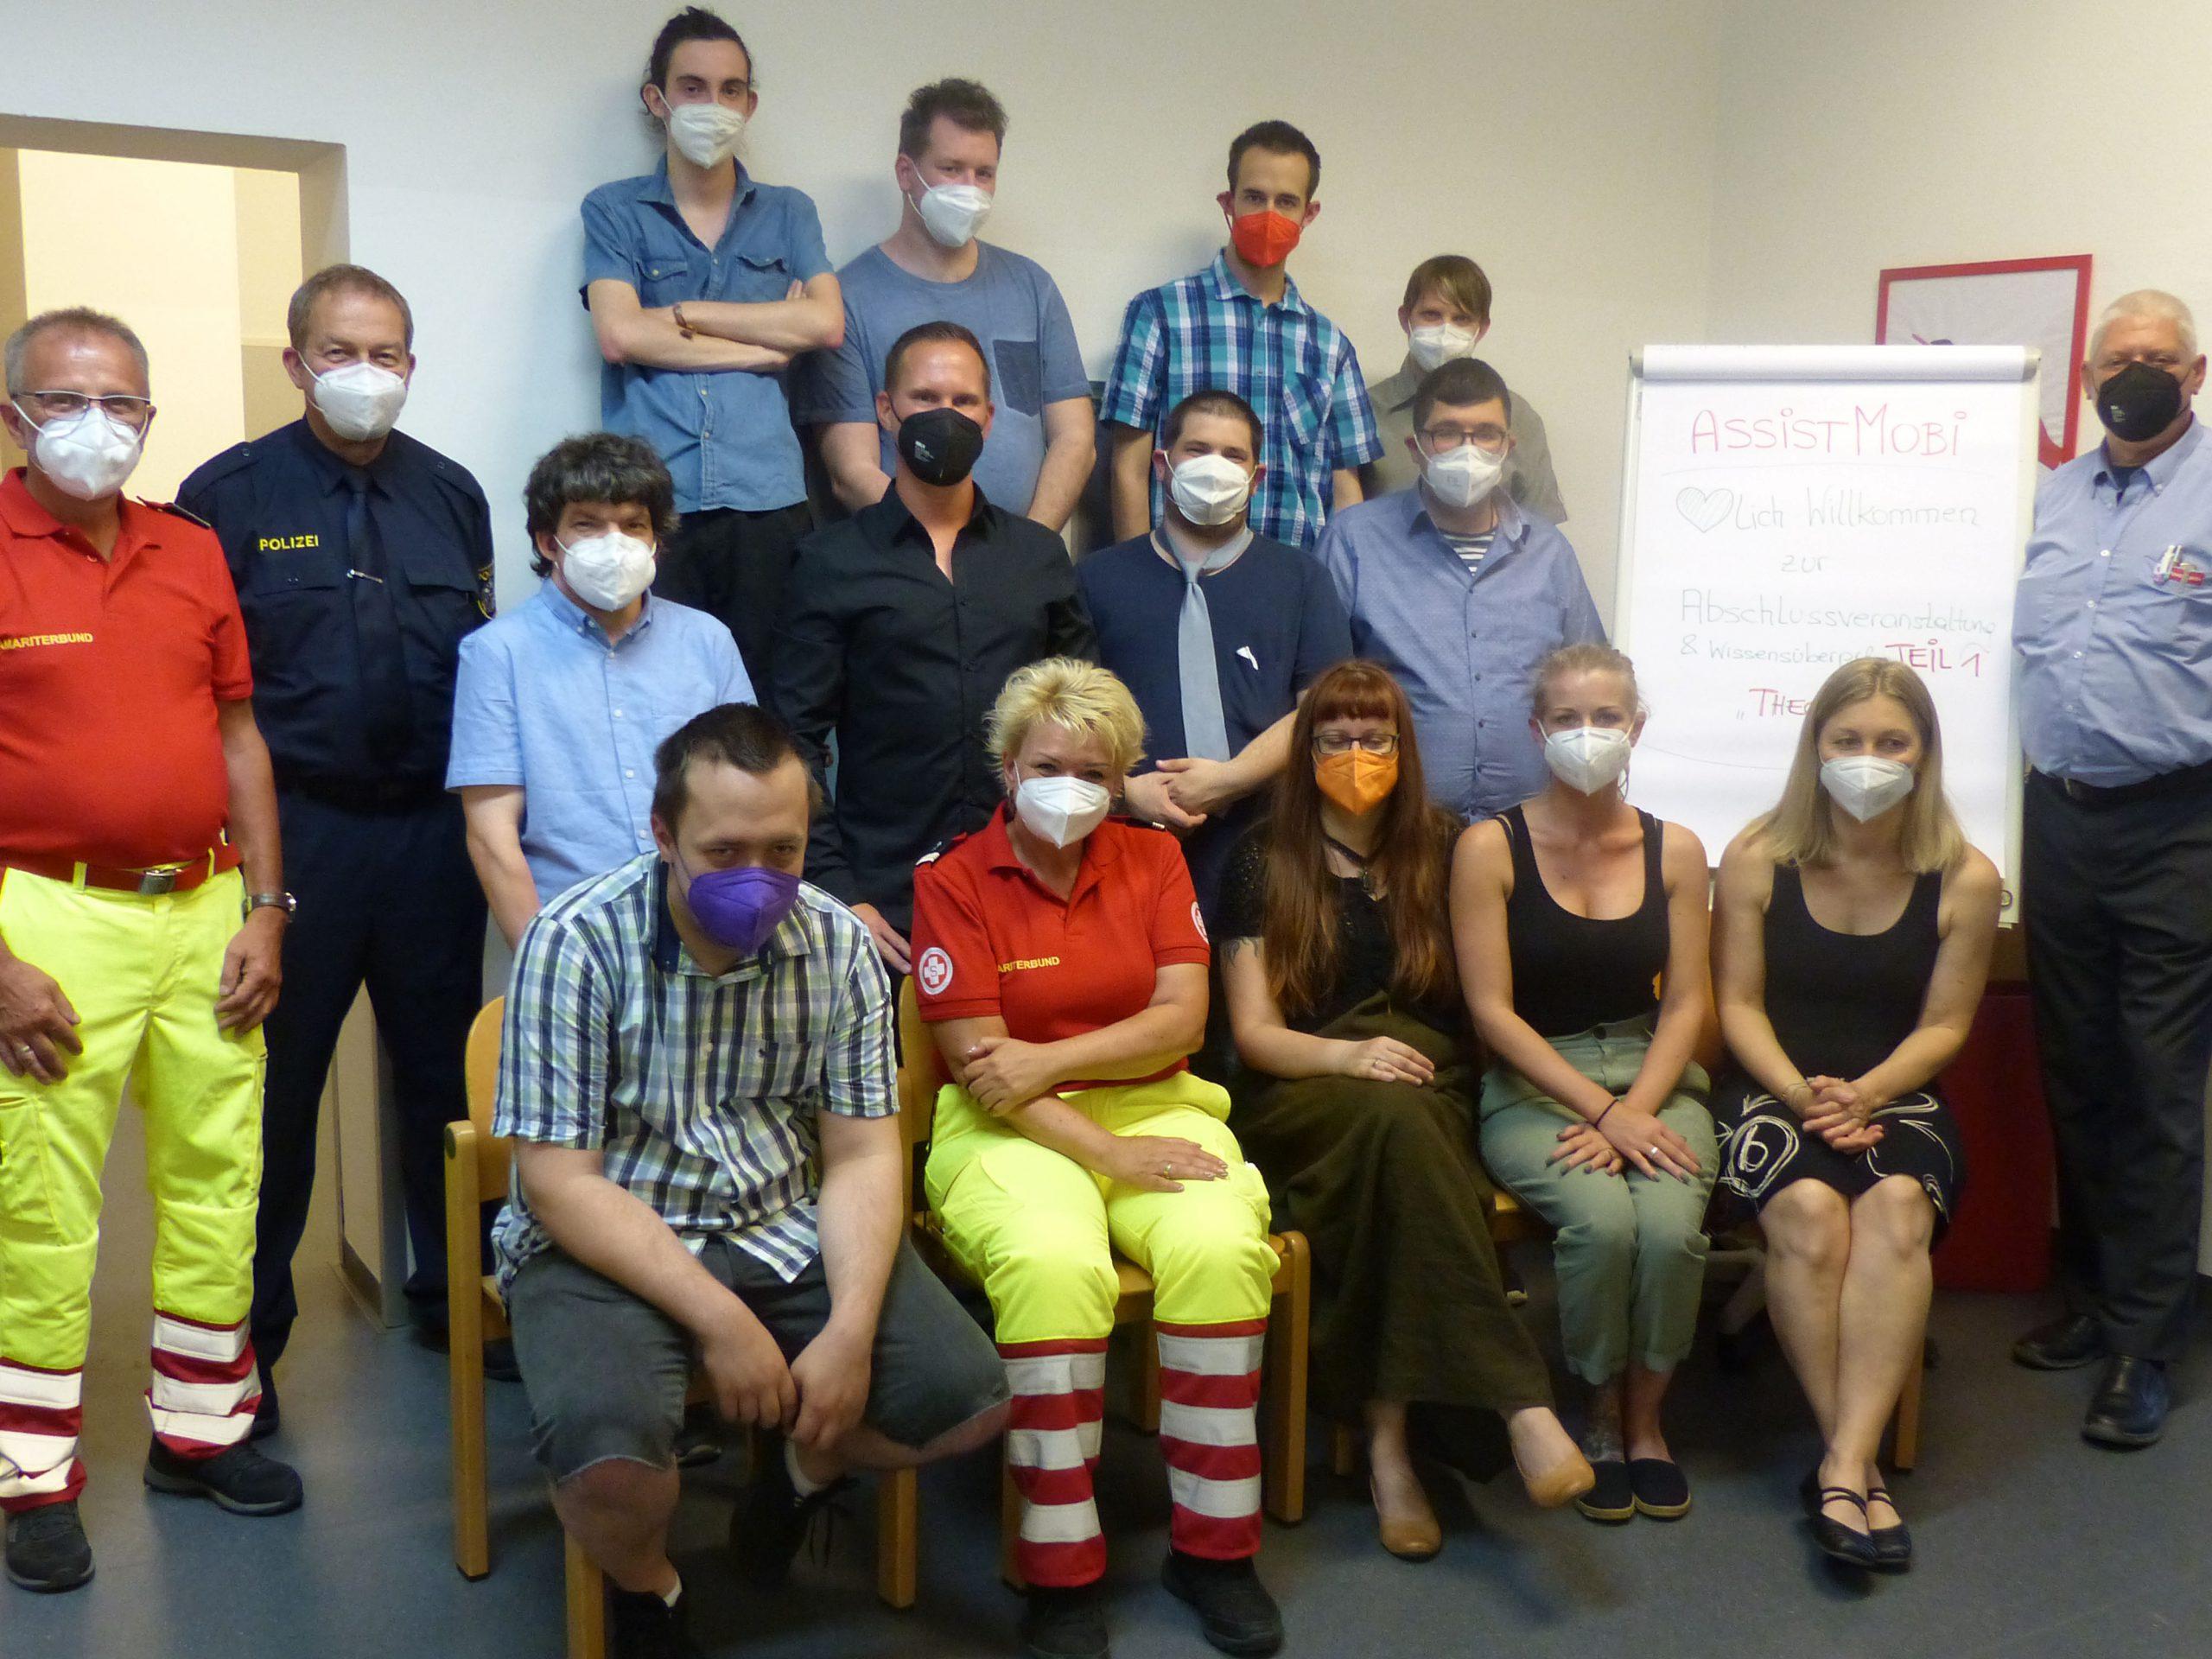 Abschluss-Gruppenfoto der Teilnehmer*innen und Kooperationspartner*innen von ASSISTMOBI in einem Gruppenraum der ASSIST